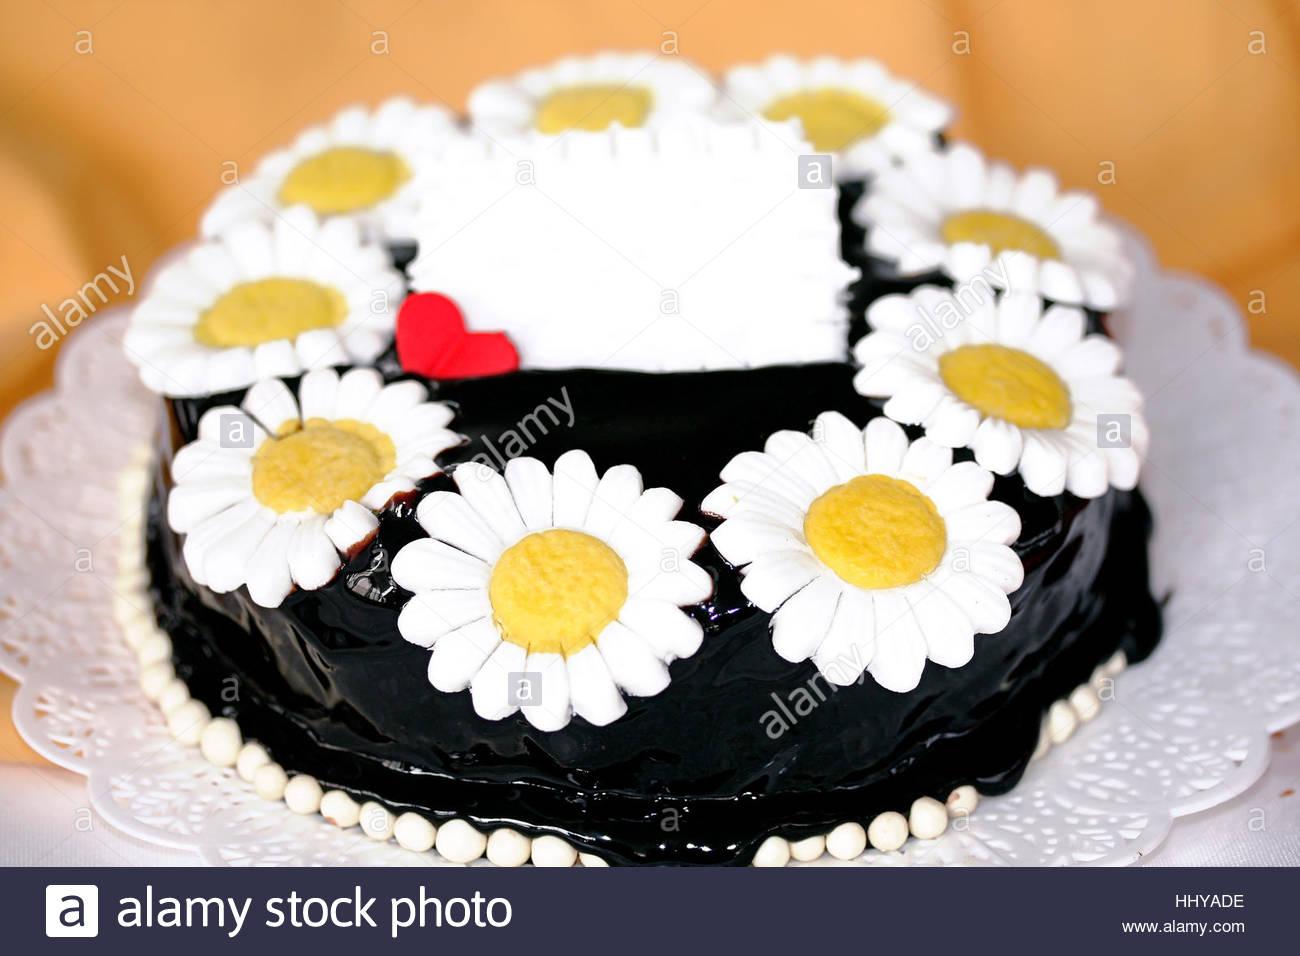 Daisy Cake Stock Photos Daisy Cake Stock Images Alamy